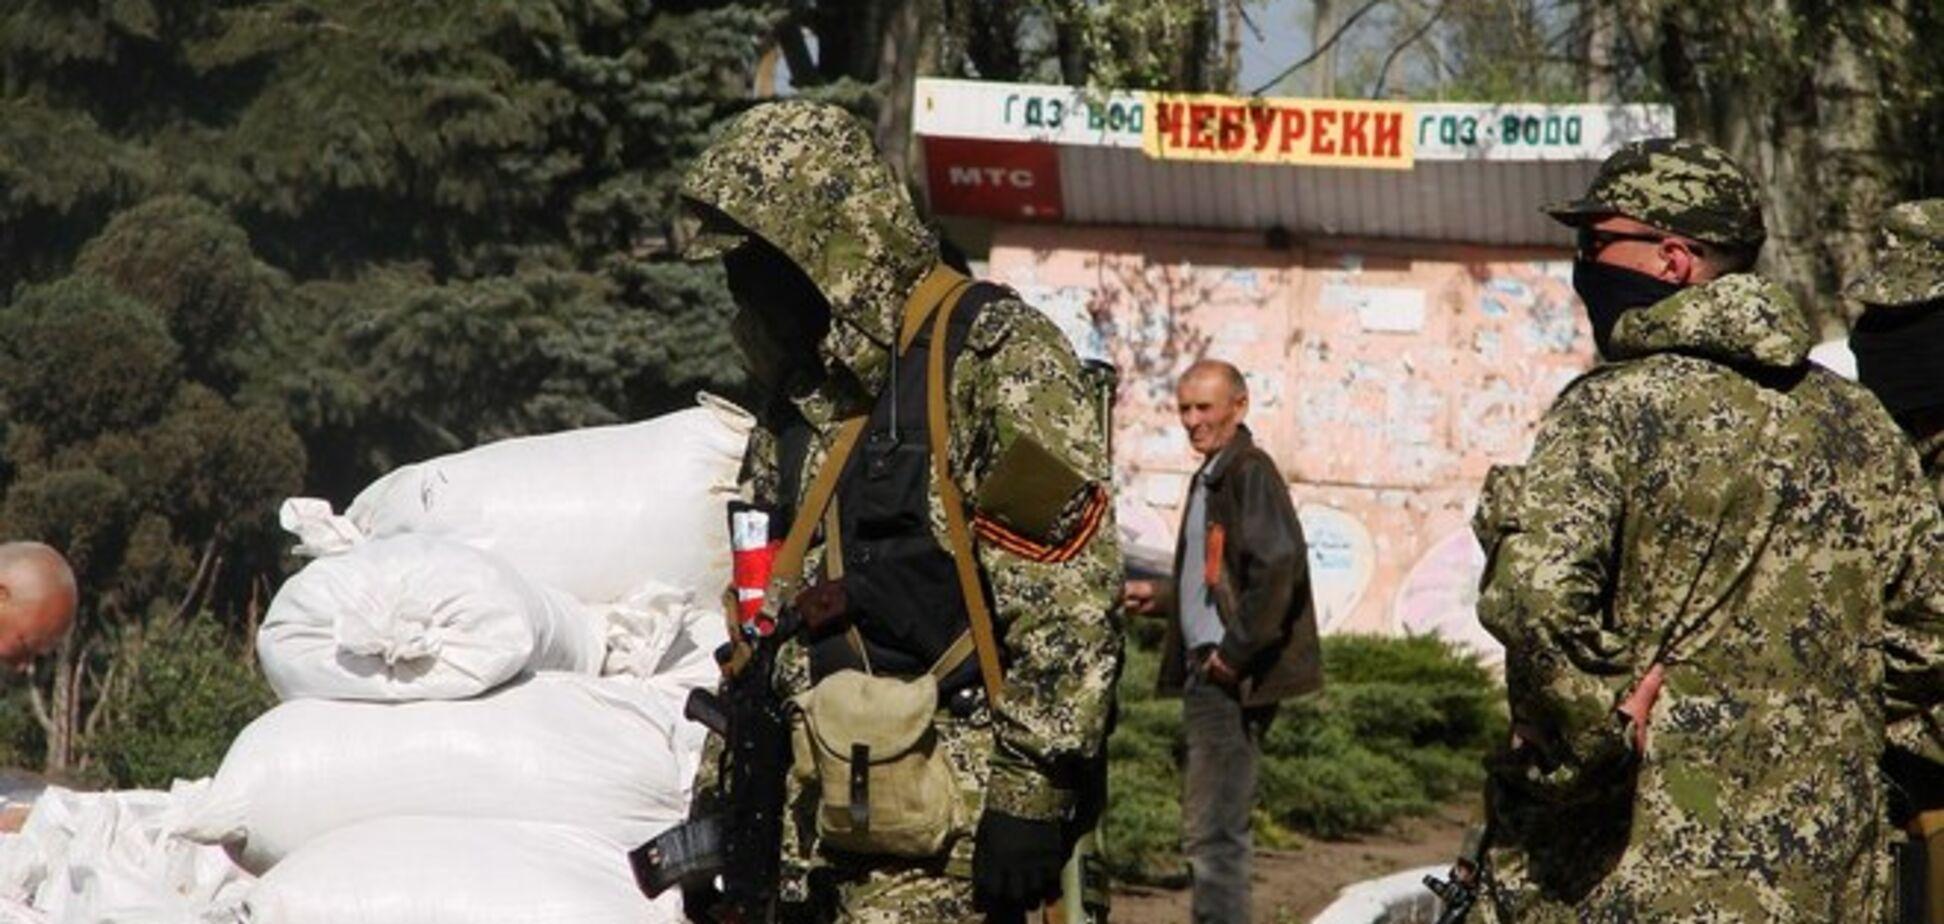 Террористы устанавливают новые блокпосты в Донецке и области